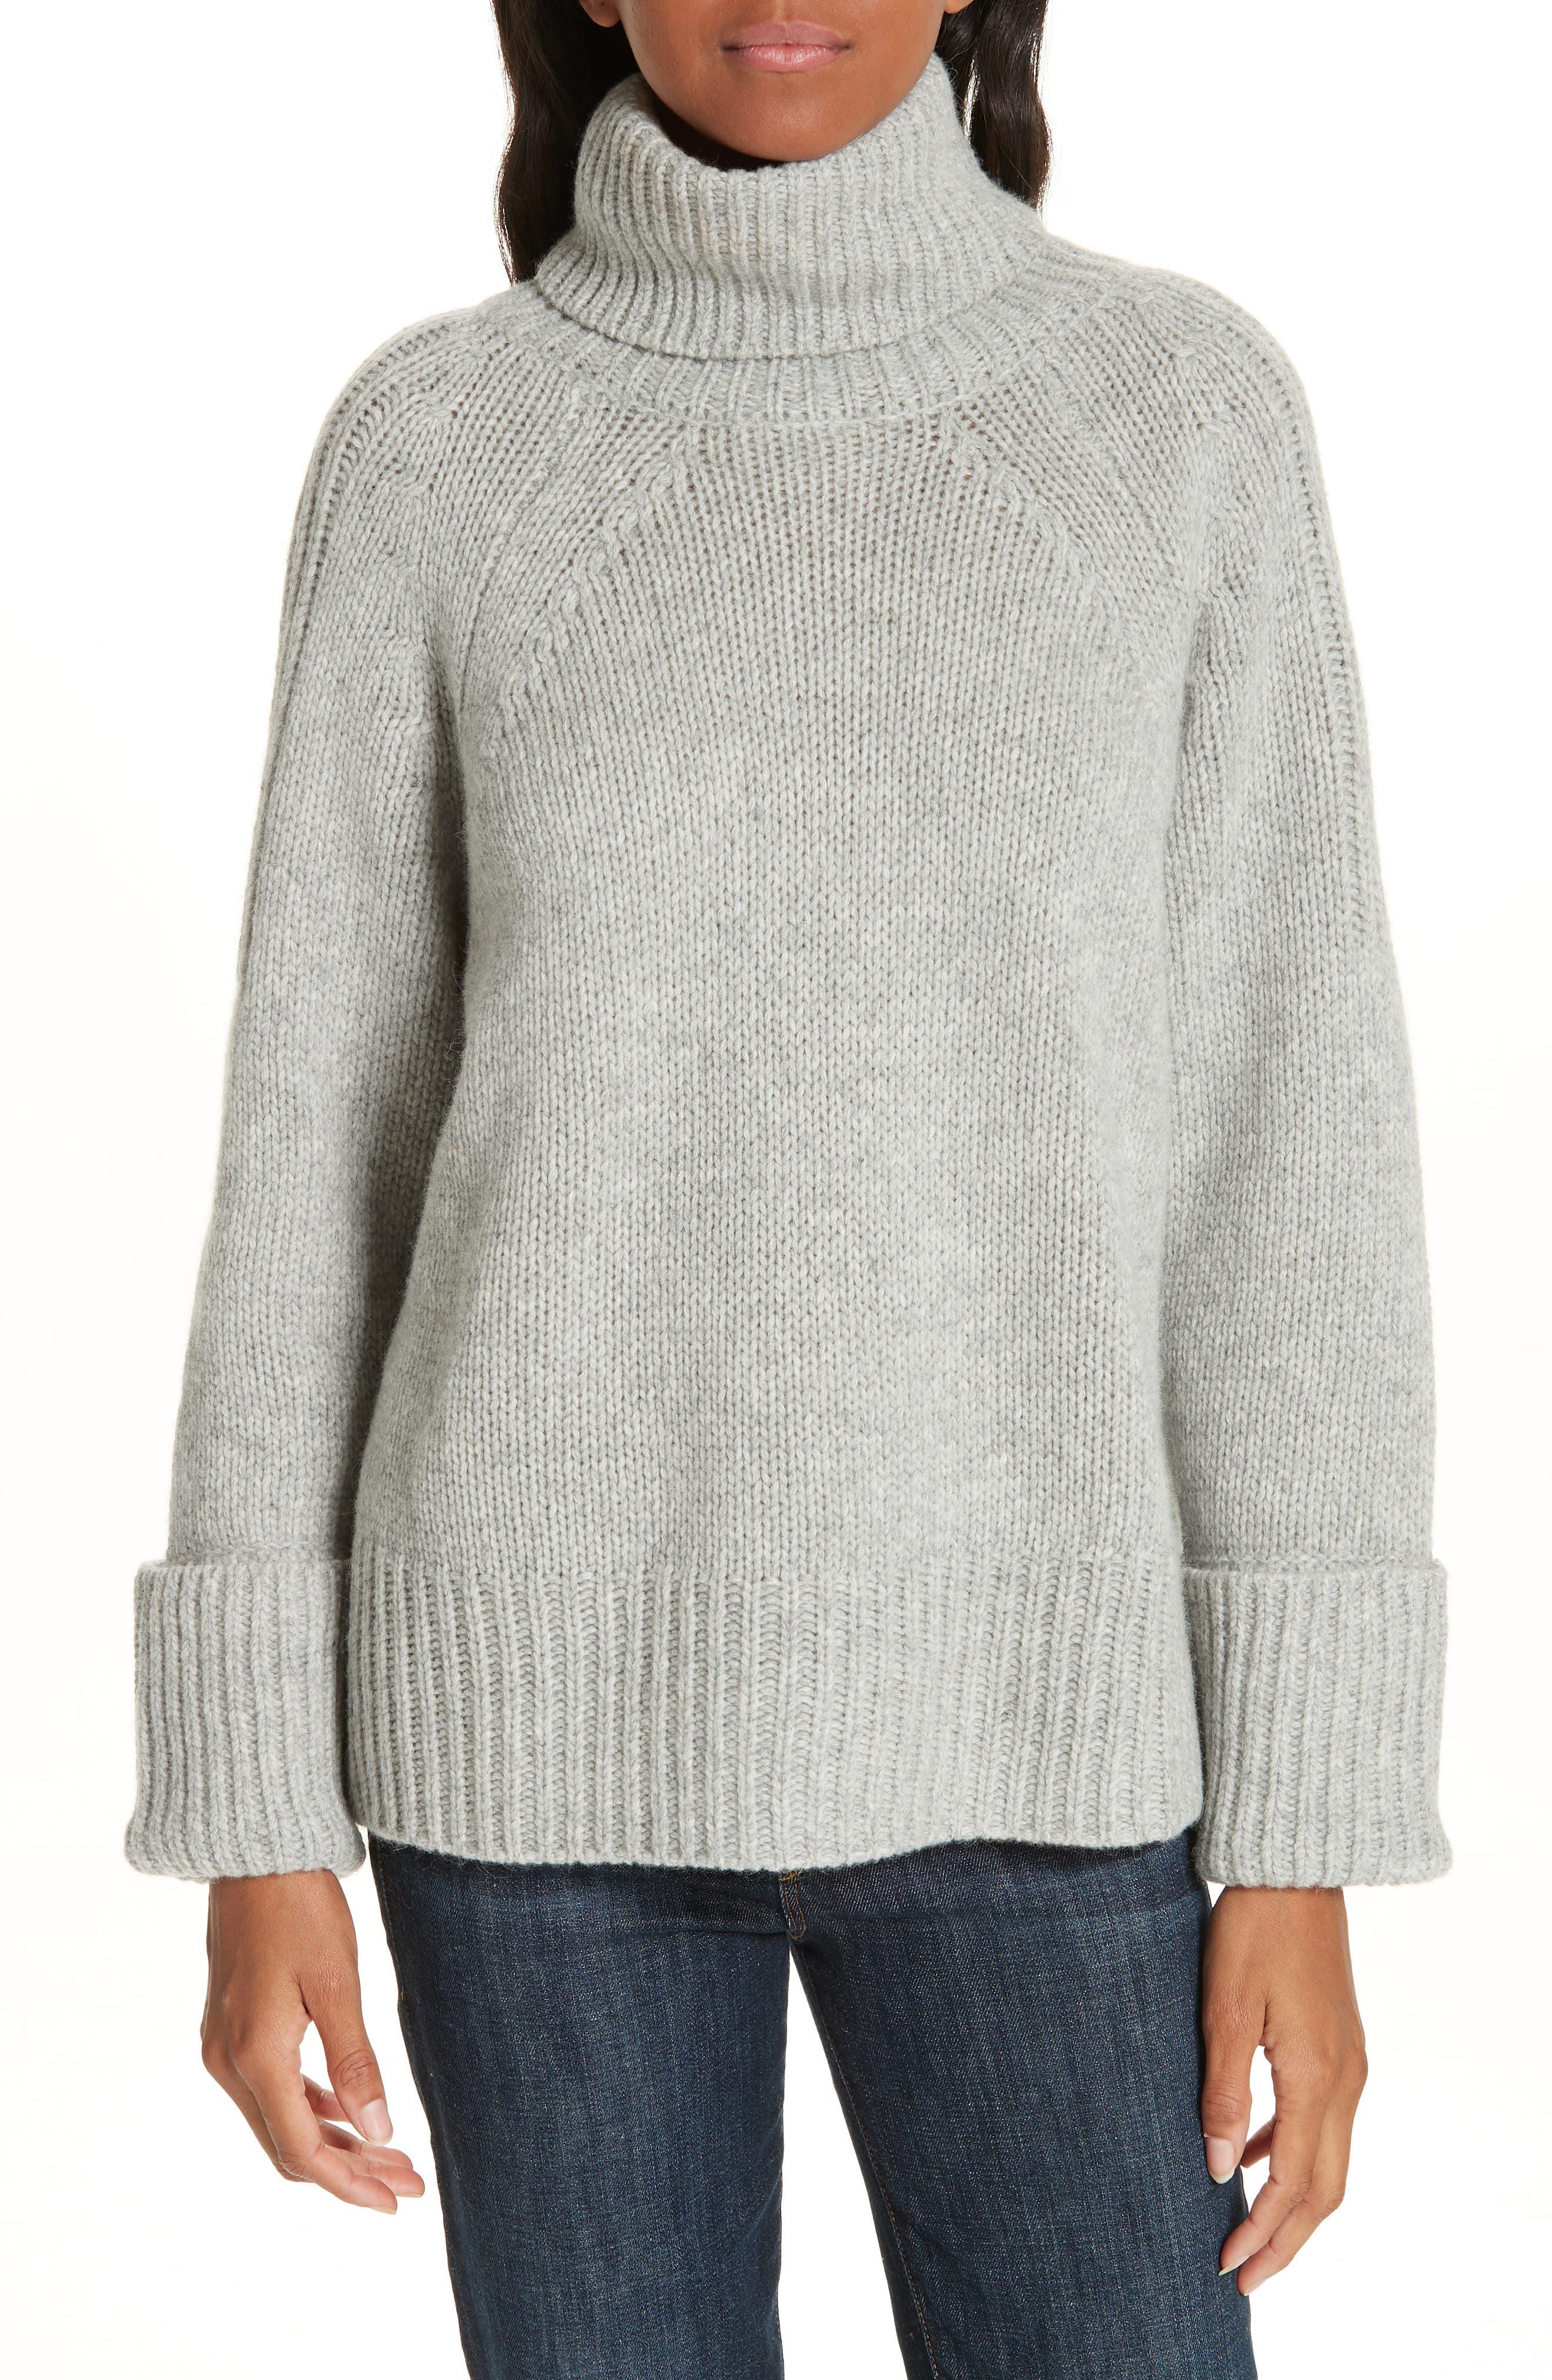 Nagora Sweater,                         Main,                         color, 020